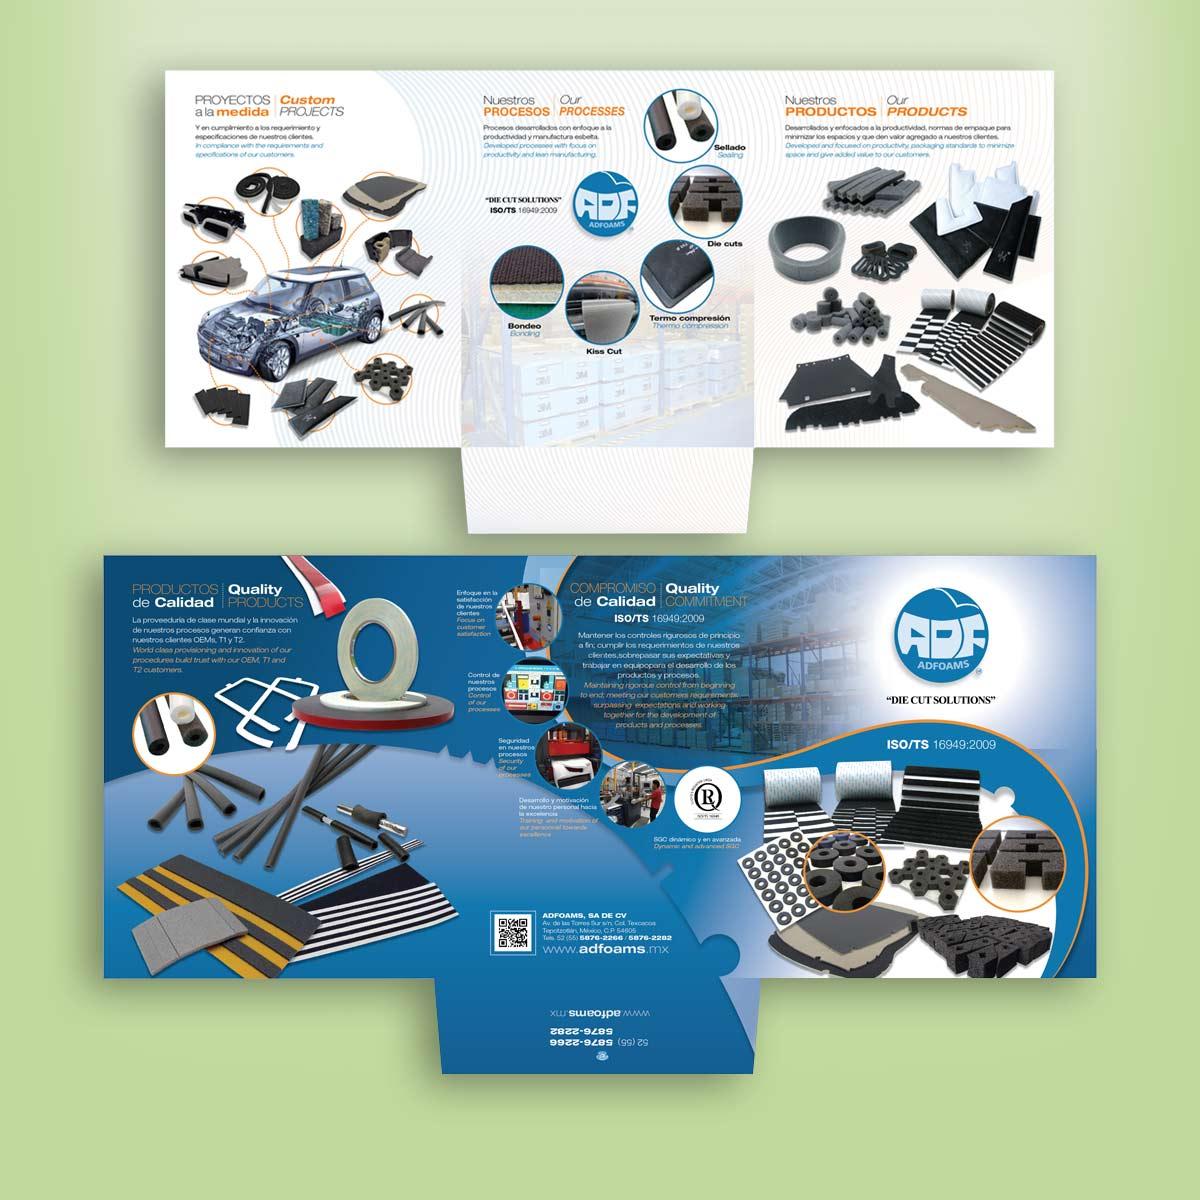 diseño gráfico de folder comercial